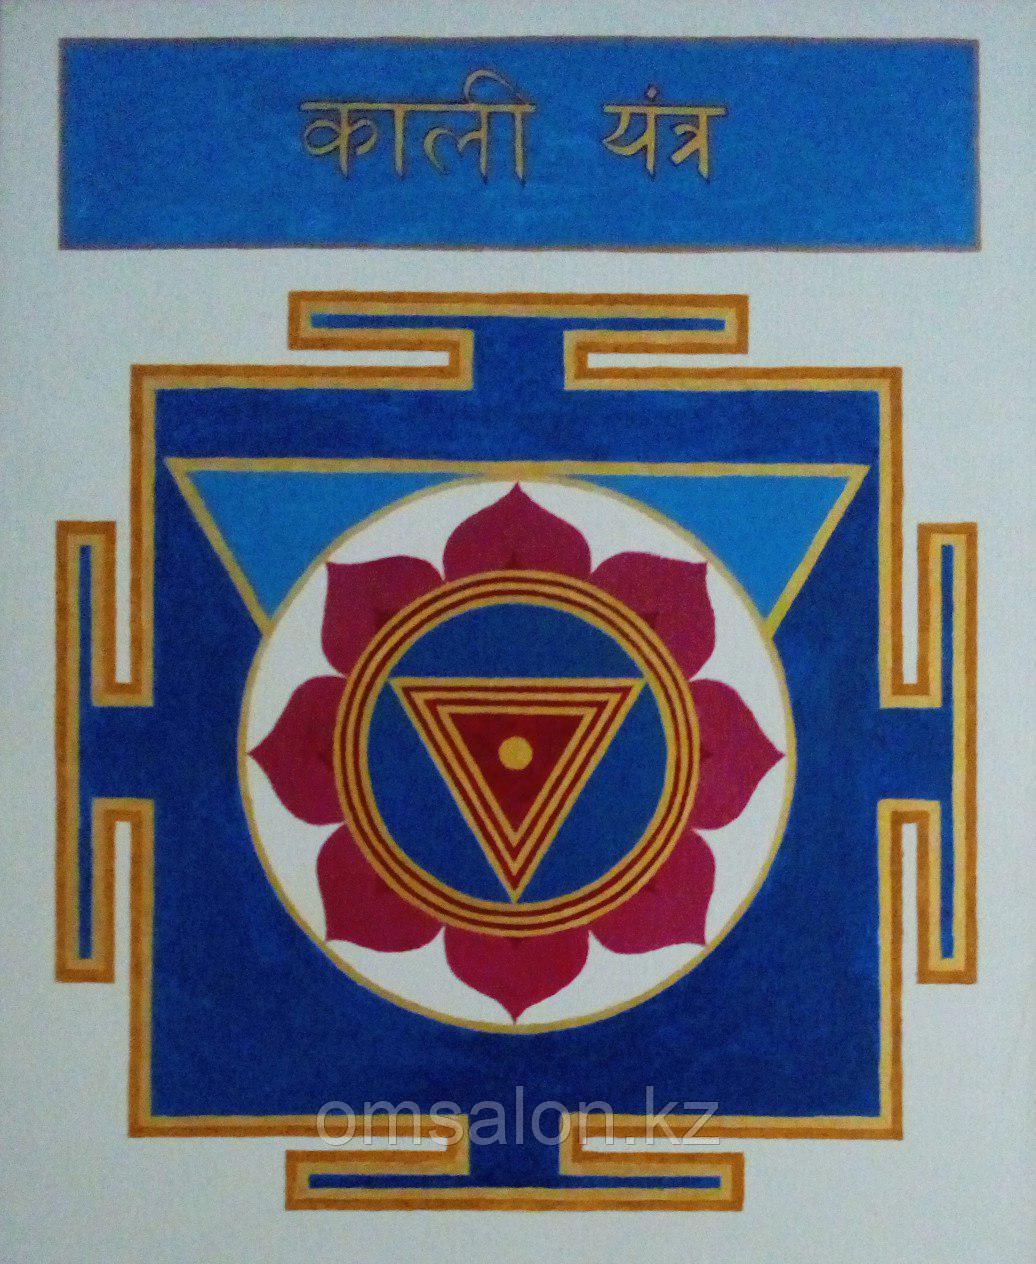 Картина «Кали янтра»